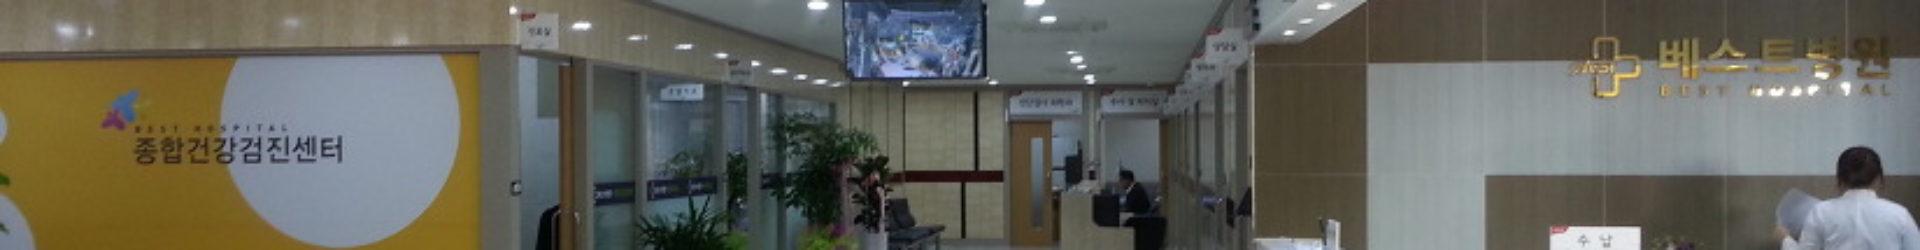 베스트병원-외과/재활